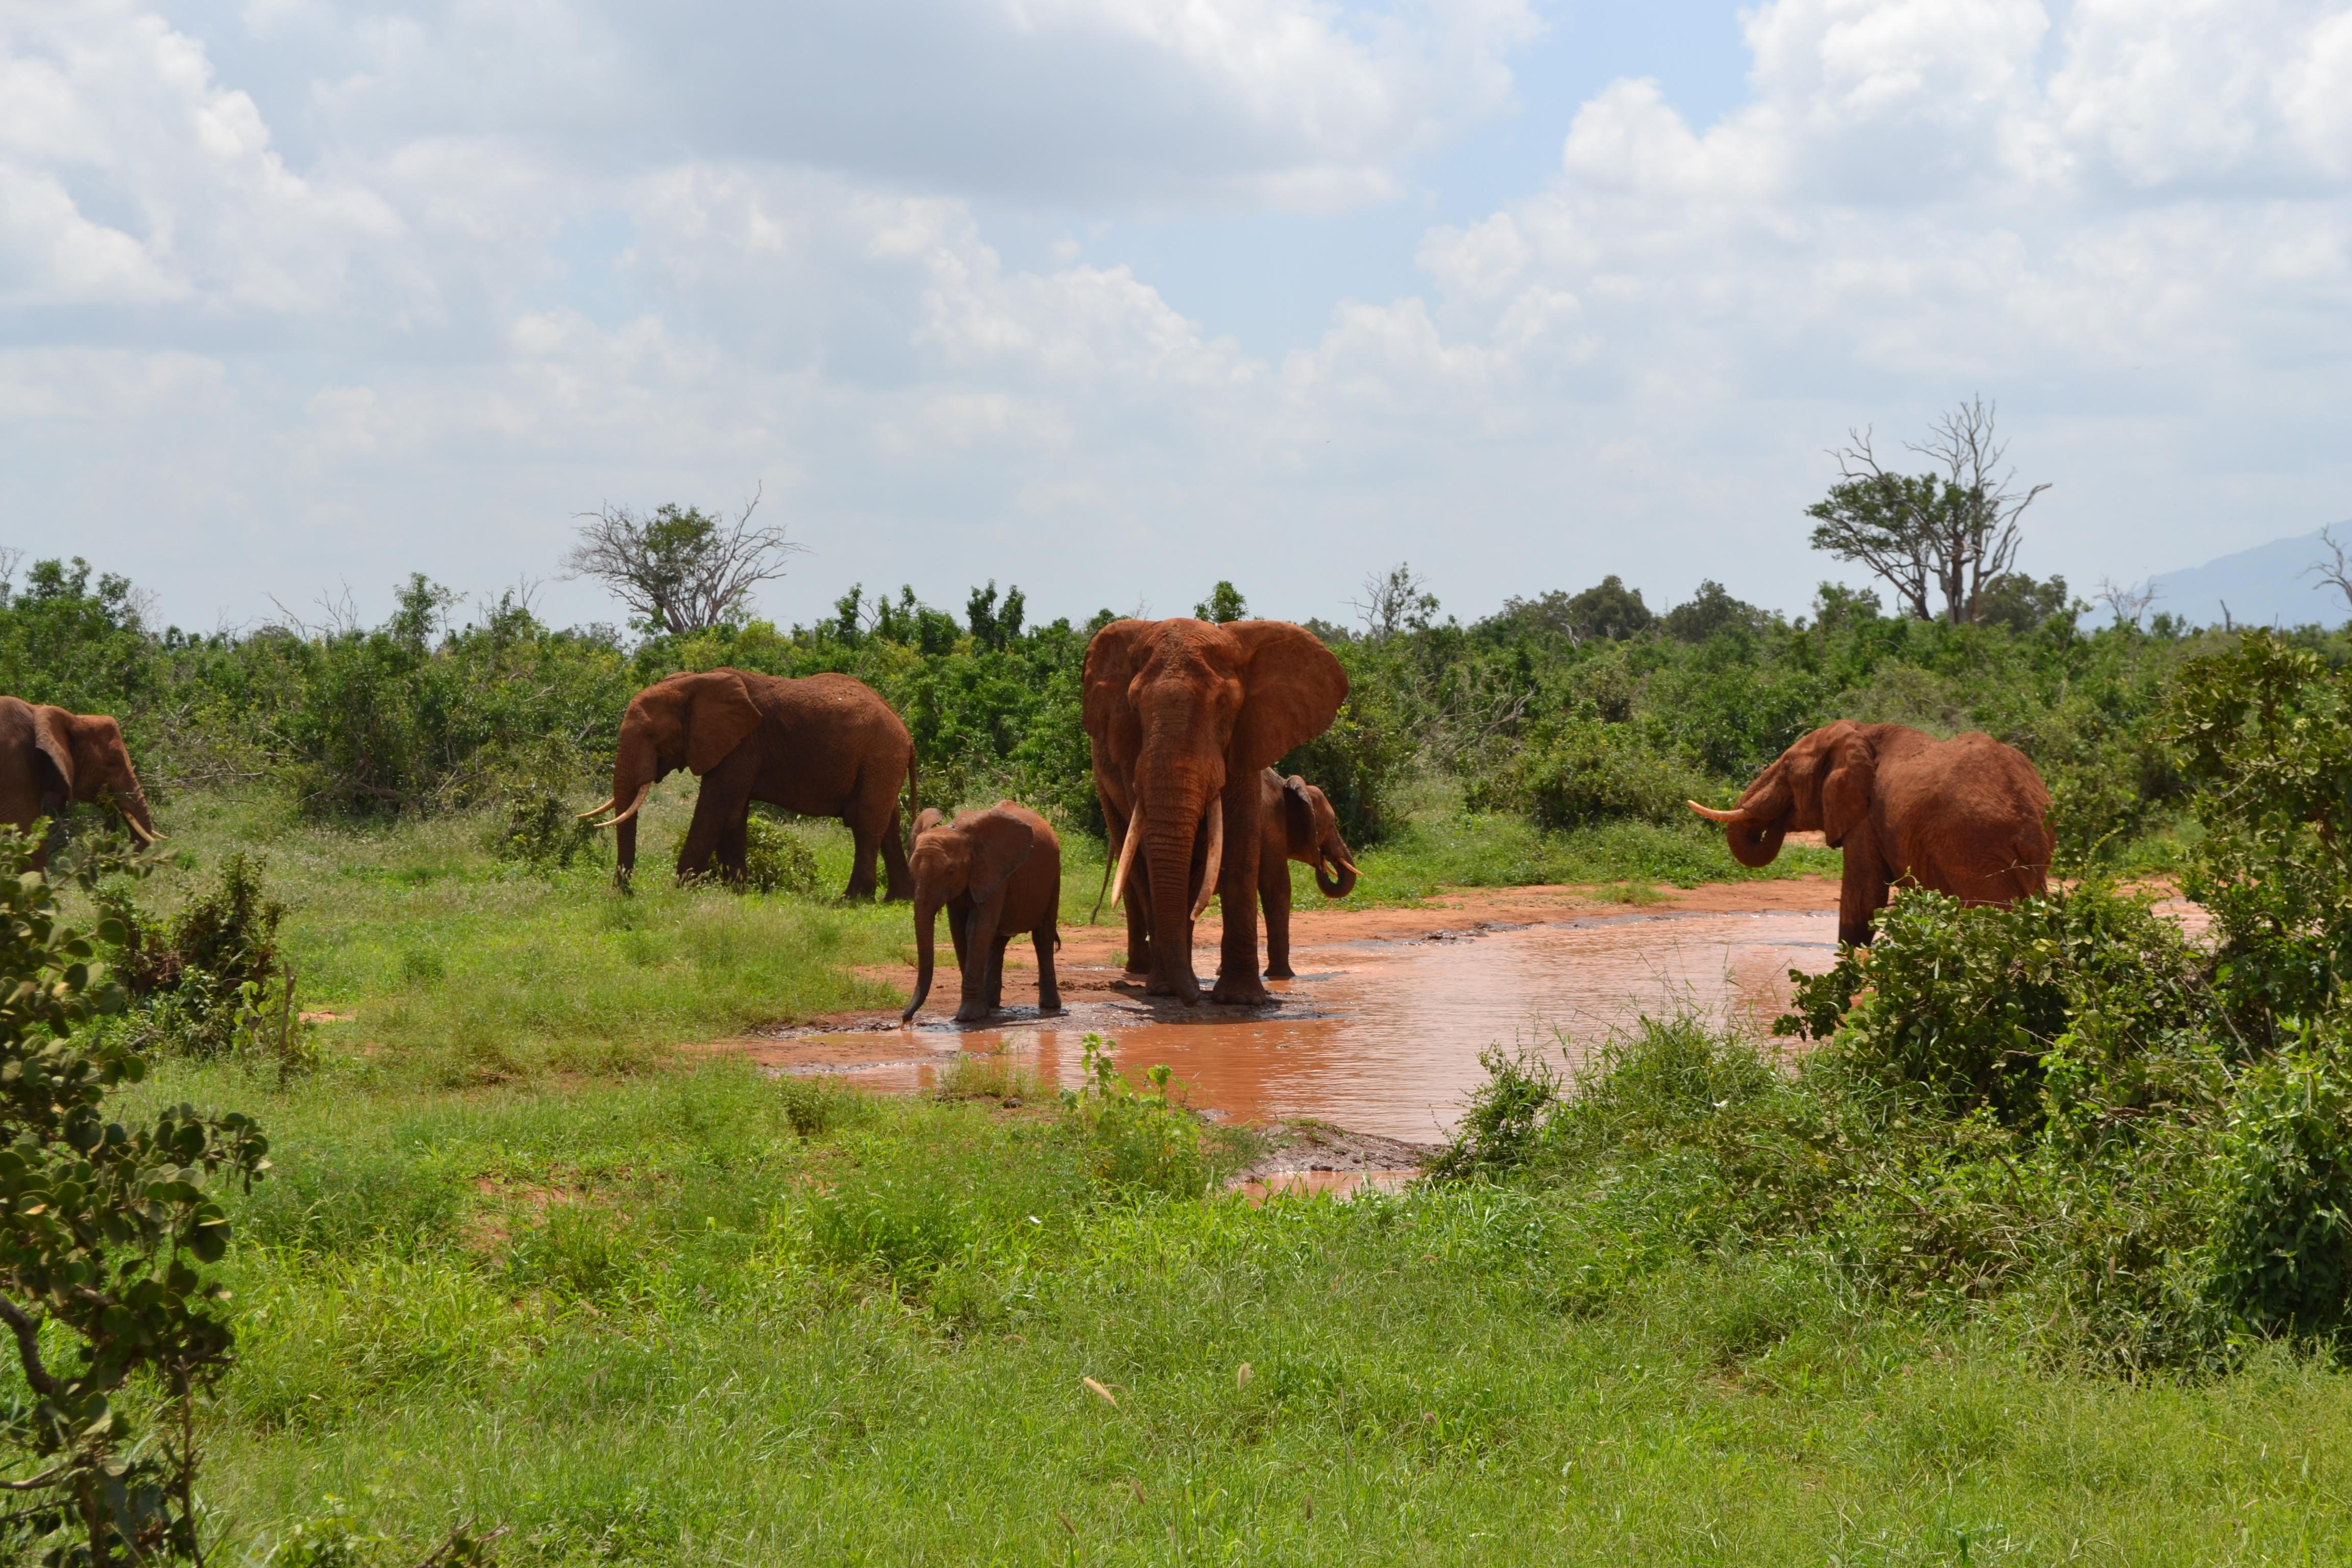 Stádo slonů v Národním parku Tsavo